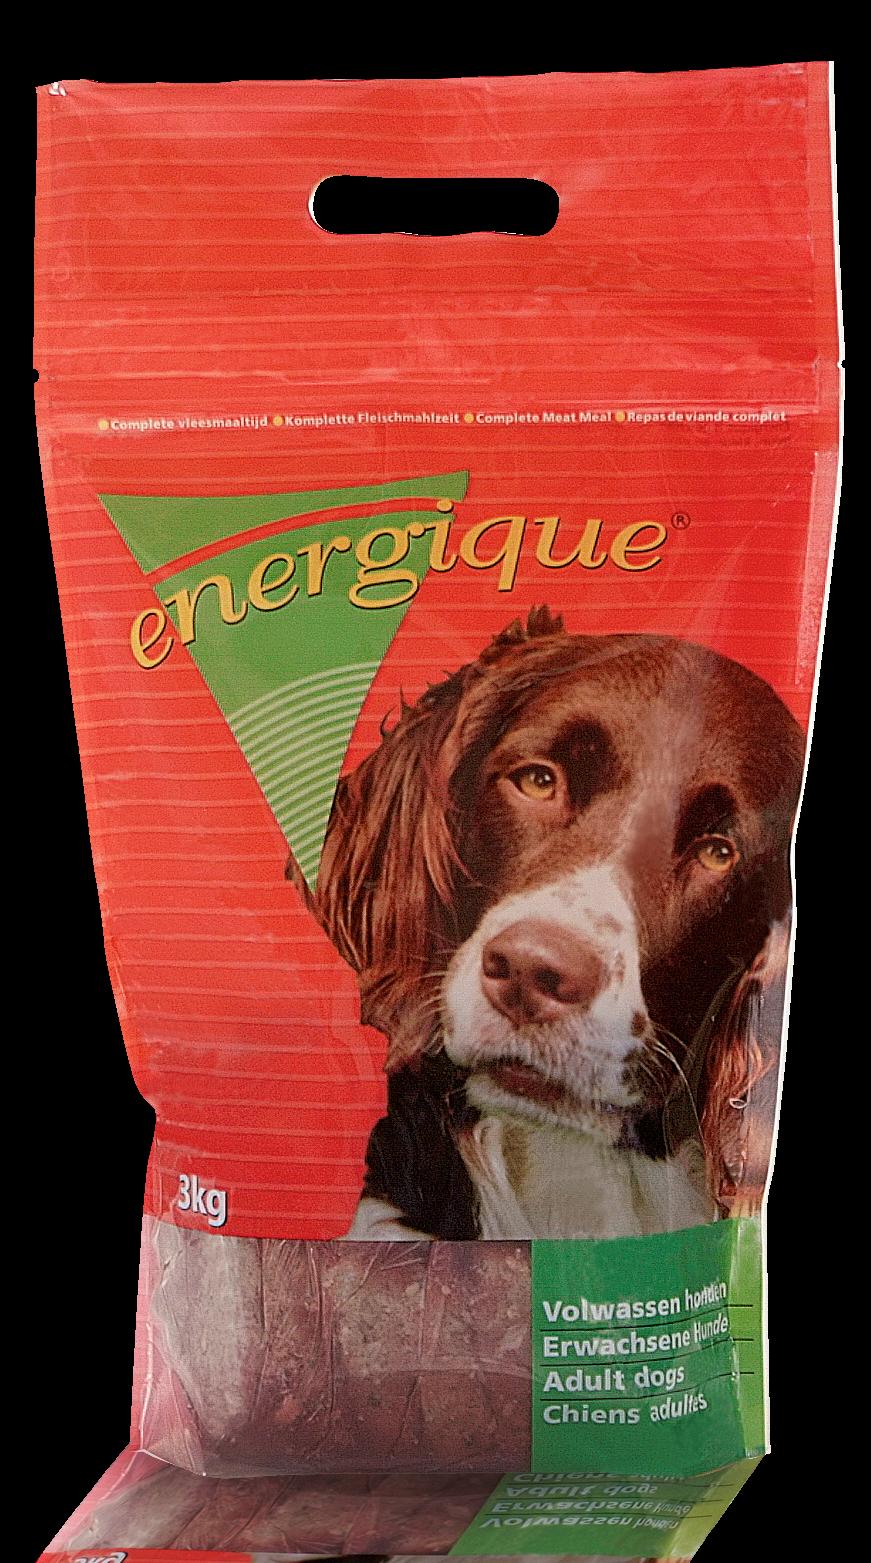 Energique hondenvoer Volwassen hond 1 <br>3 kg